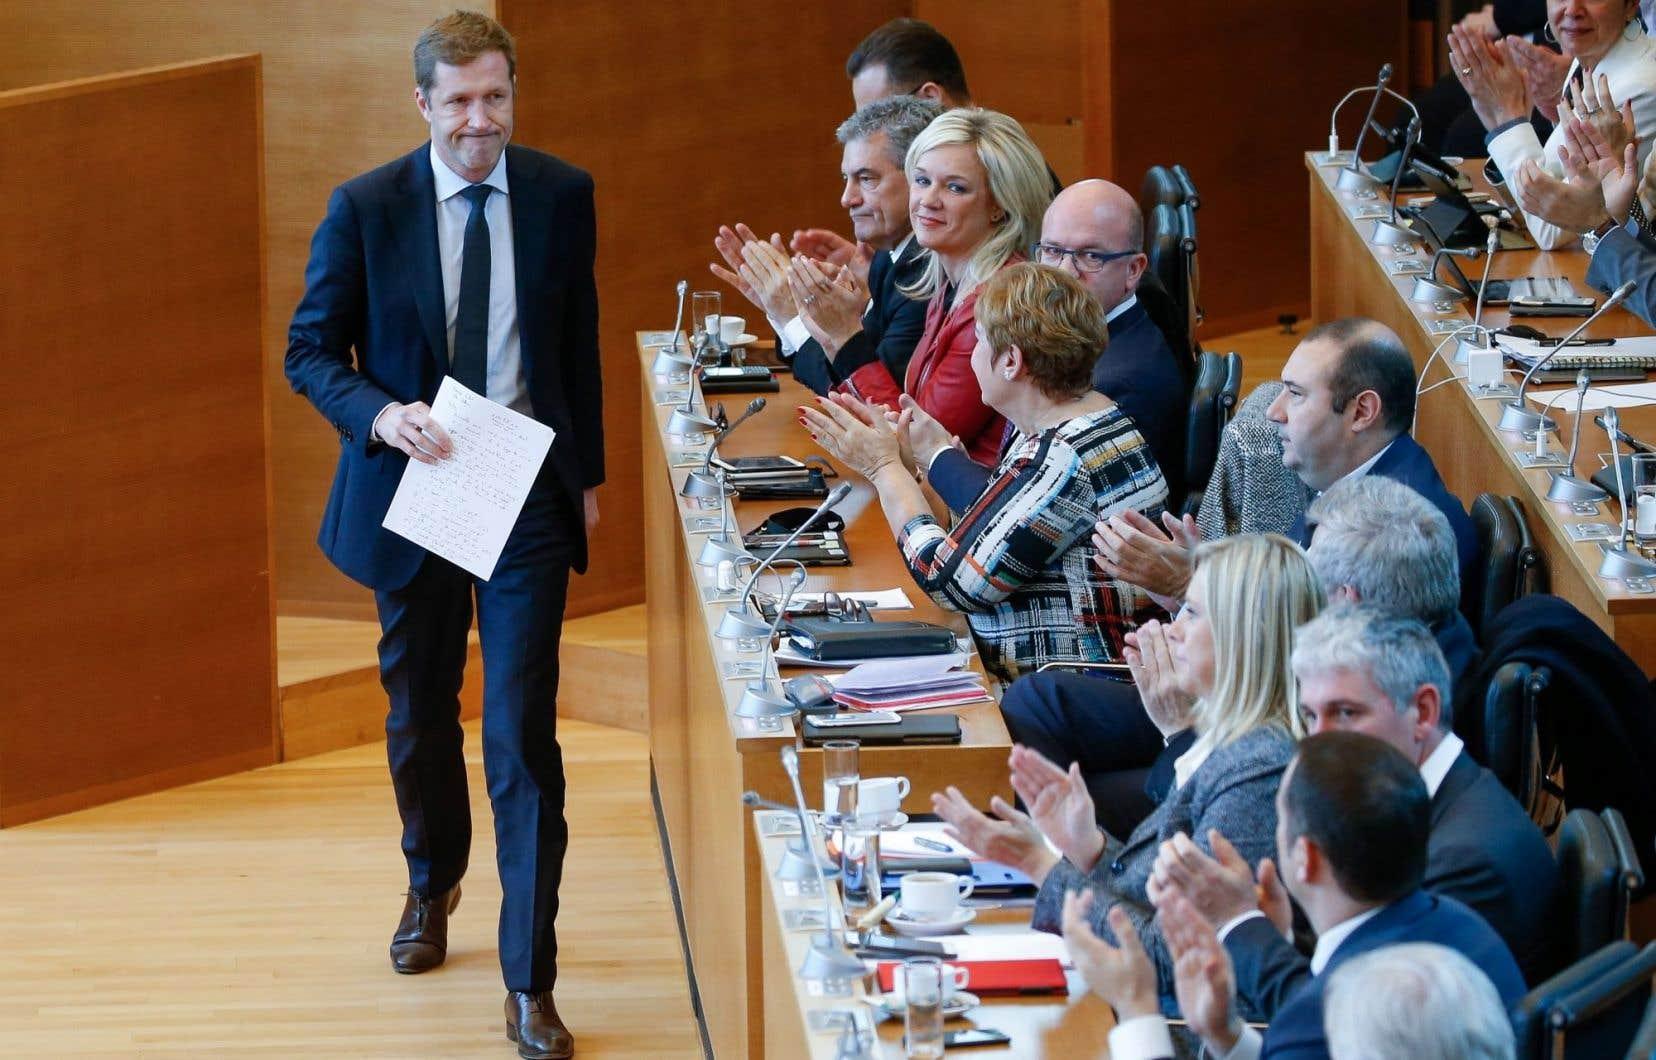 Une motion du parlement demandant au chef du gouvernement wallon,PaulMagnette, de «donner délégation» au gouvernement fédéral pour qu'il appose la signature de la Belgique au CETA a été approuvée par 58 voix «pour» et 5 «contre».